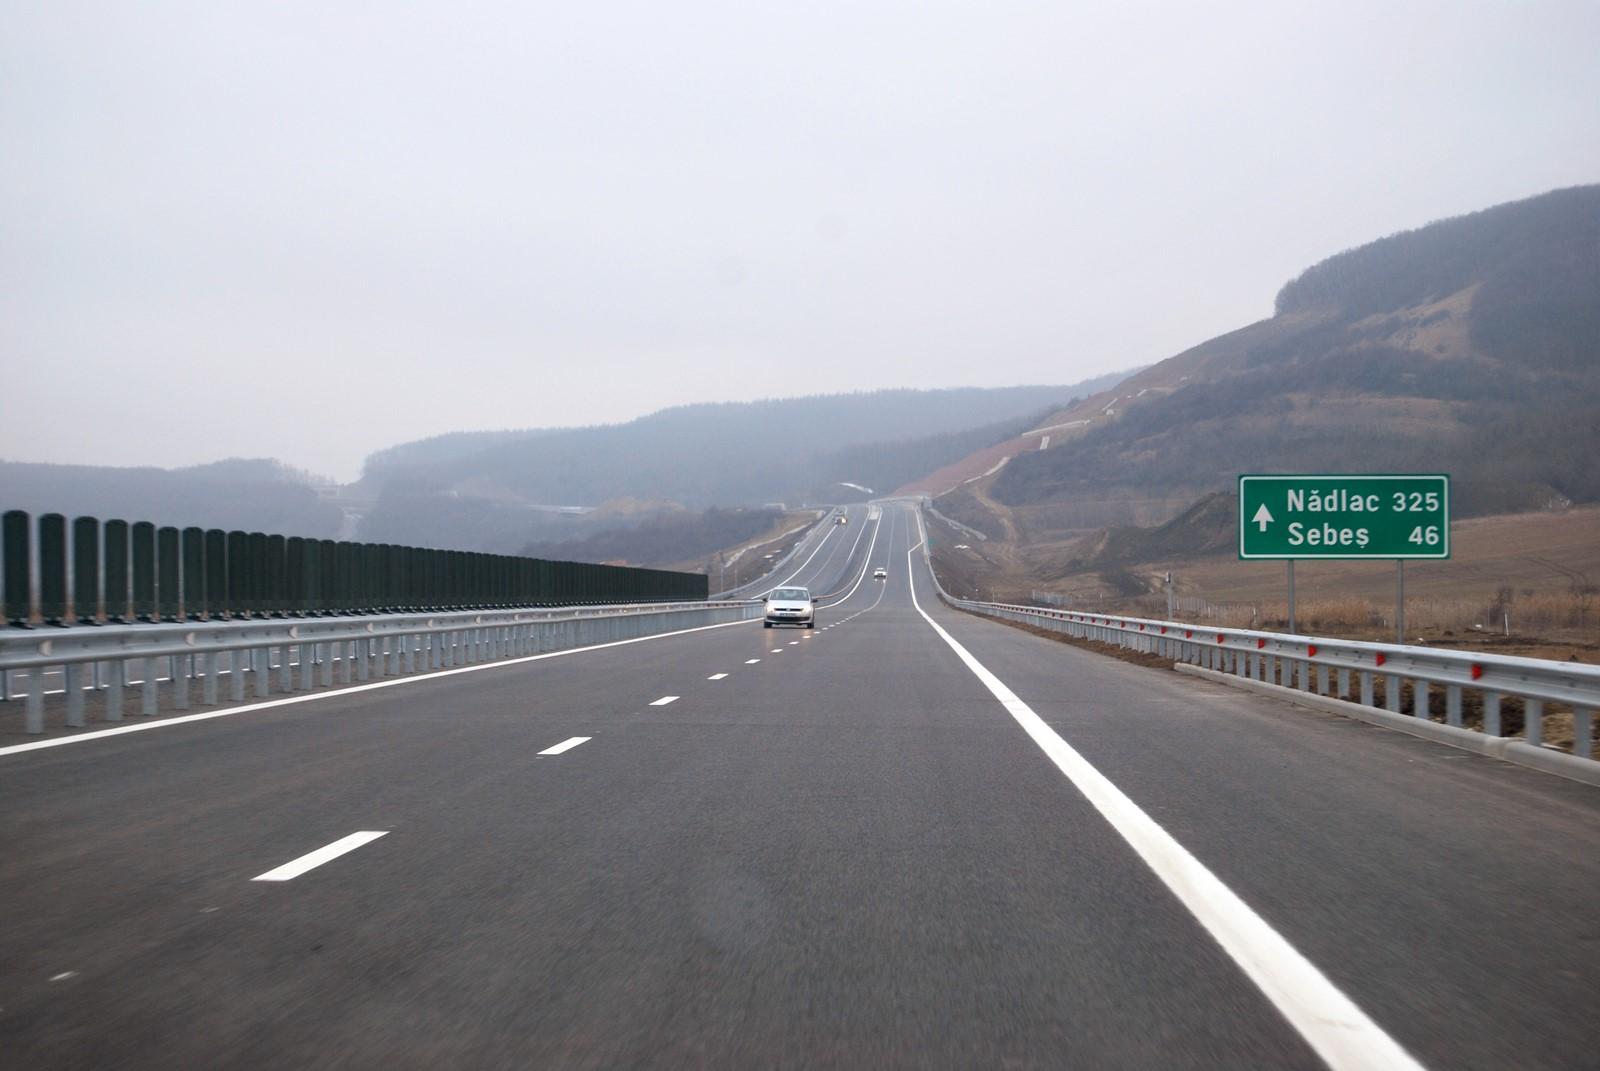 CNAIR: Circulaţie rutieră închisă pe A1, joi, între nodurile rutiere Cunţa şi Sebeş Vest